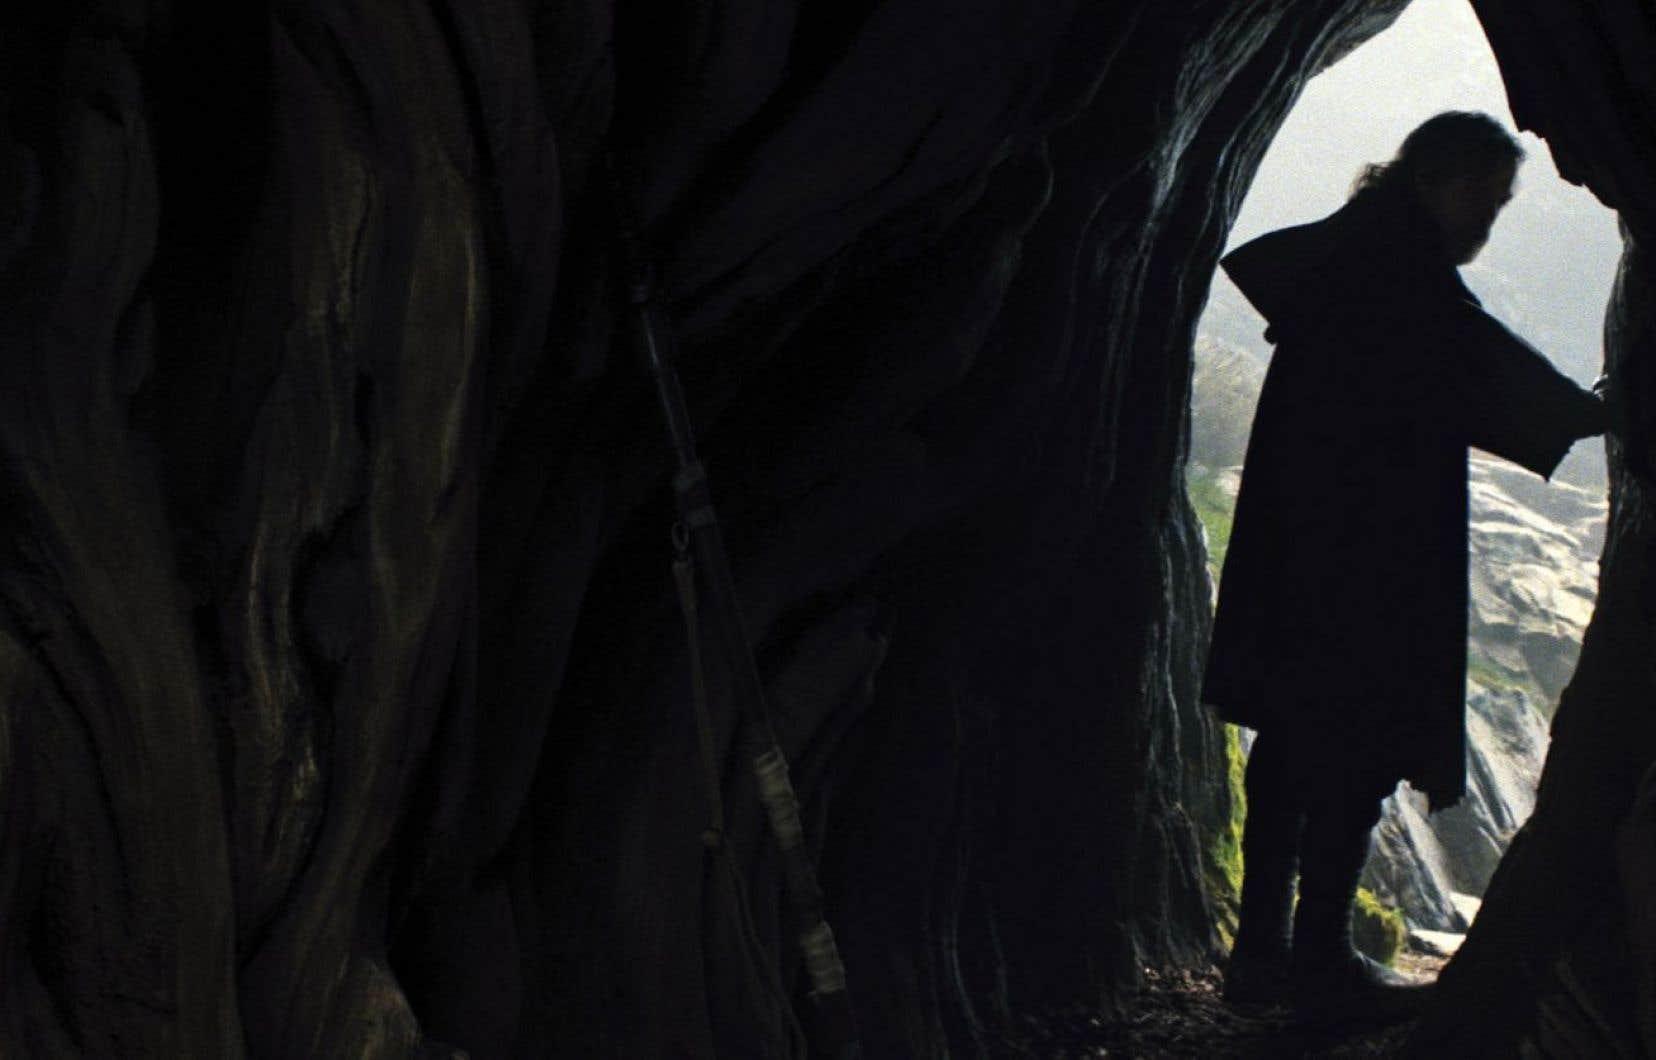 Parmi les sorties prévues pour l'automne, nous retrouvons le prochain opus de la série «Star Wars».